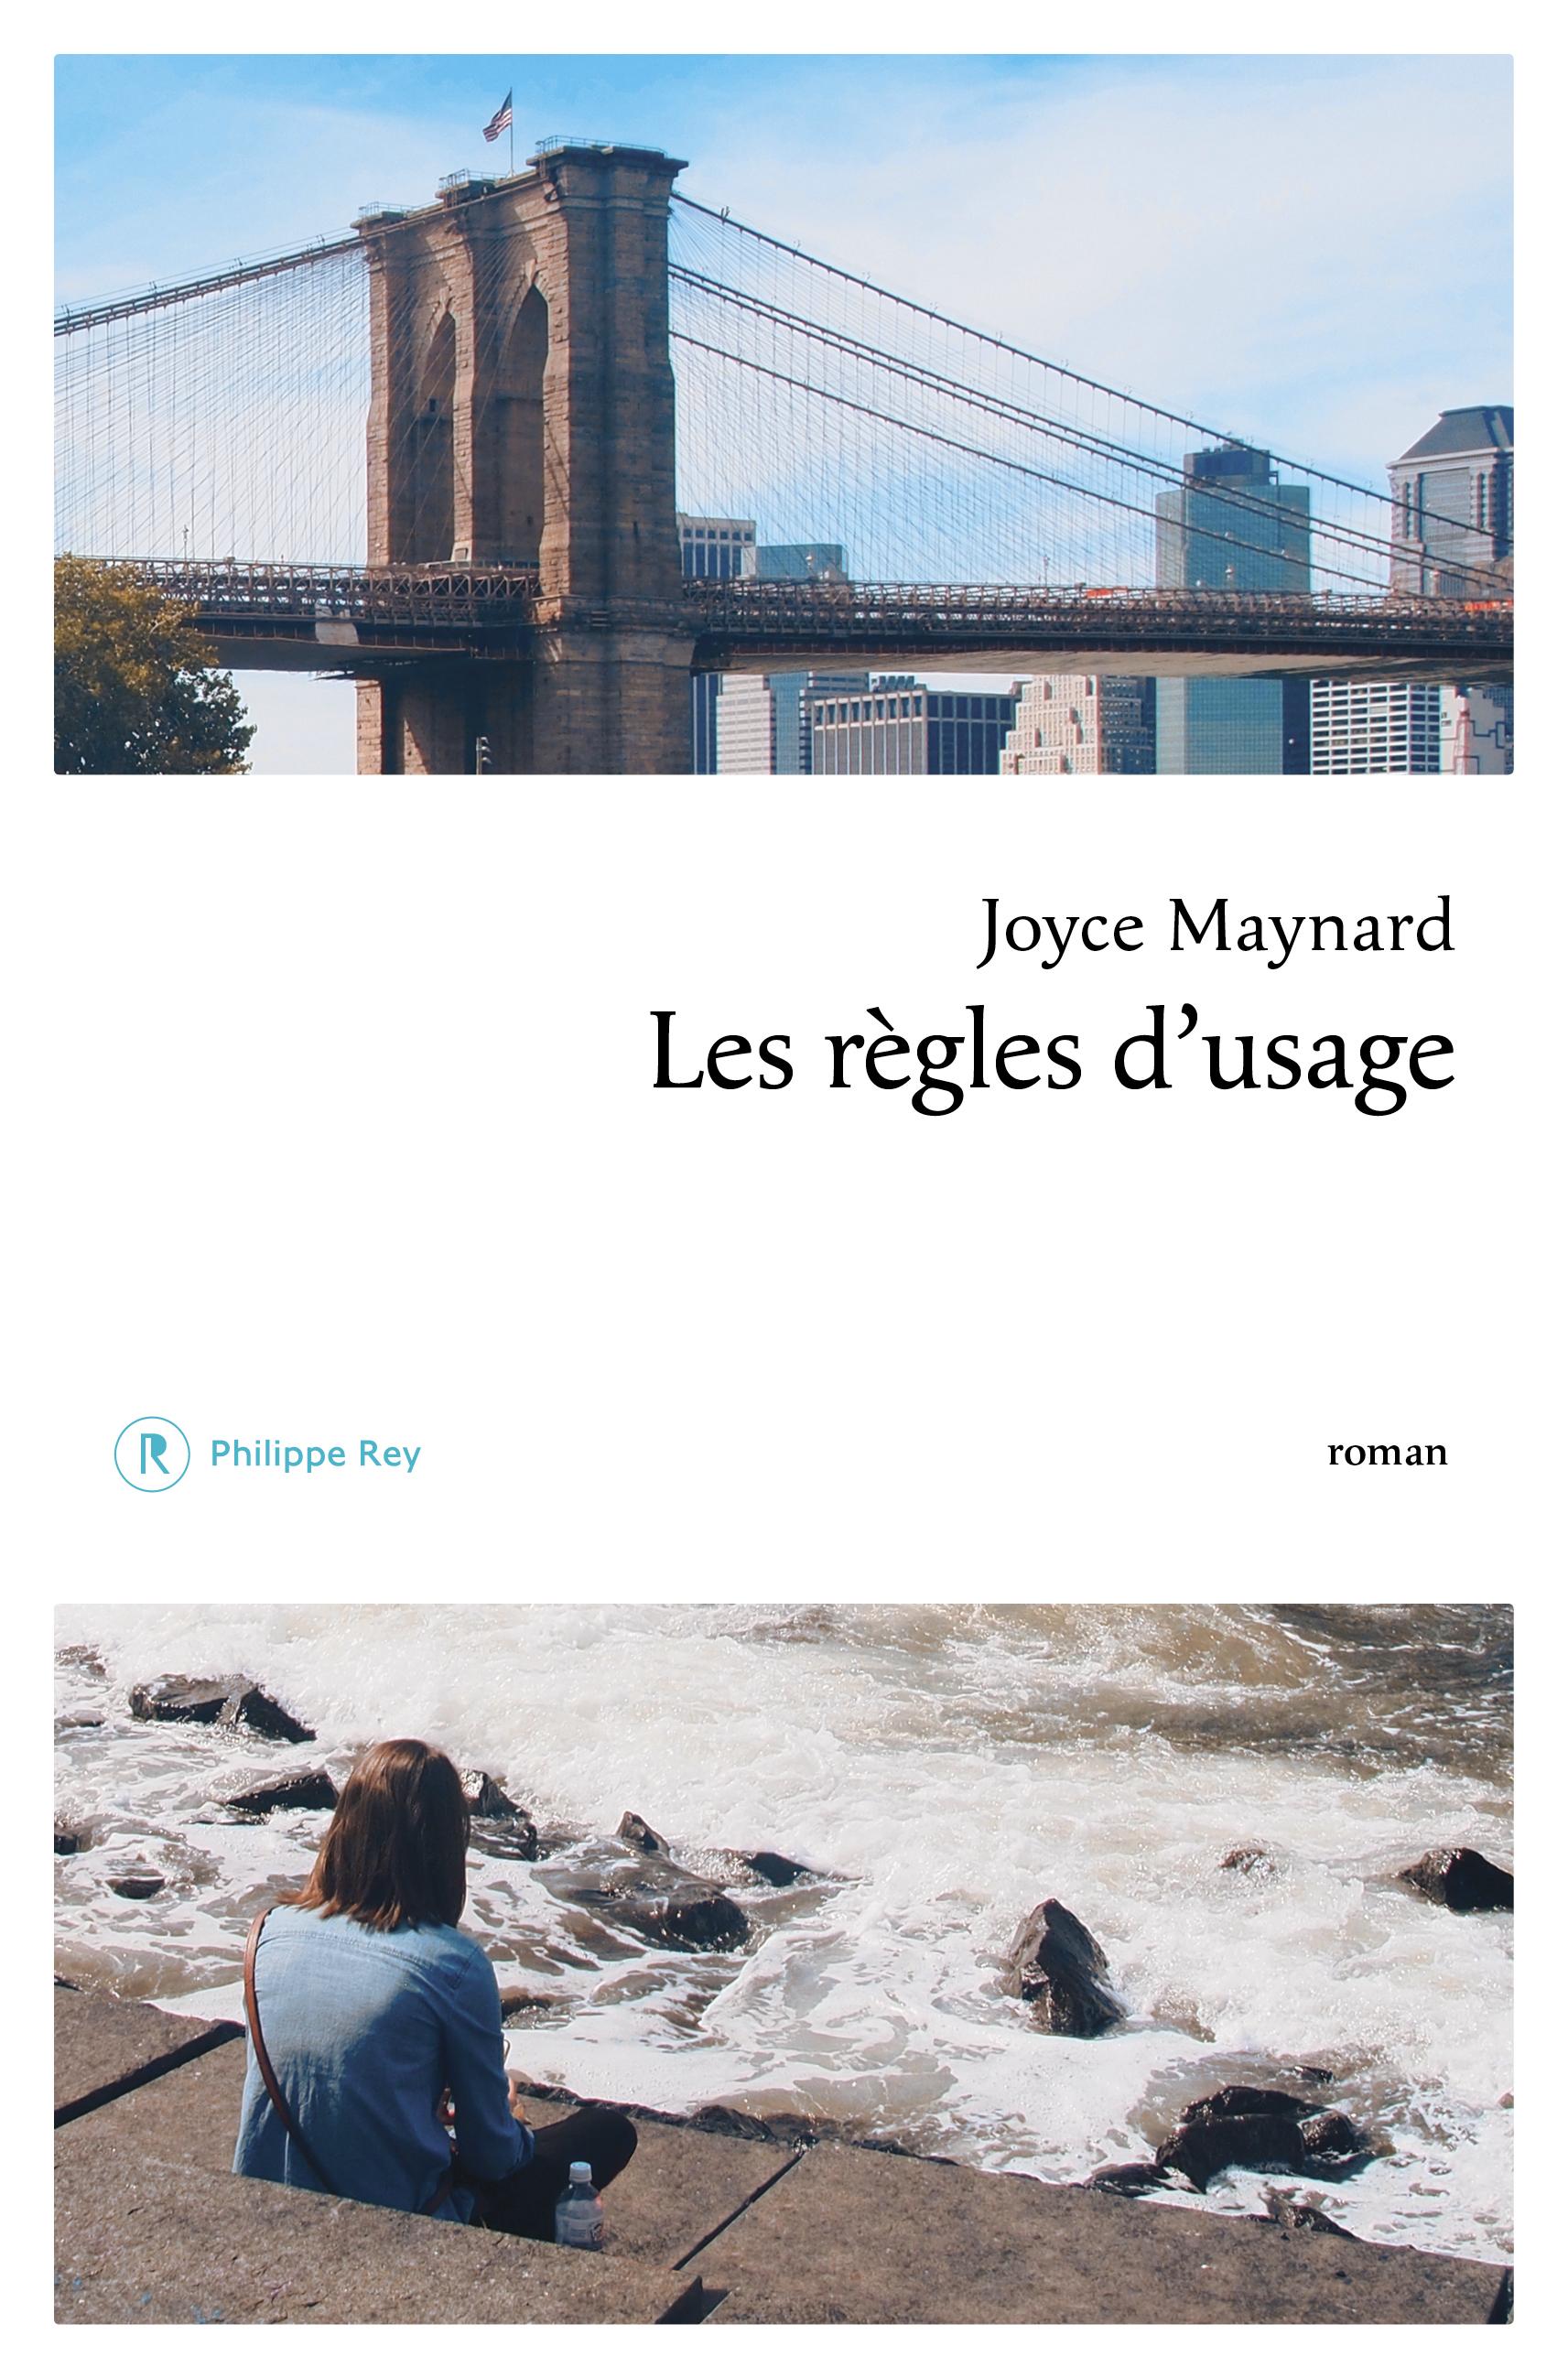 """Résultat de recherche d'images pour """"règles d'usage joyce maynard"""""""